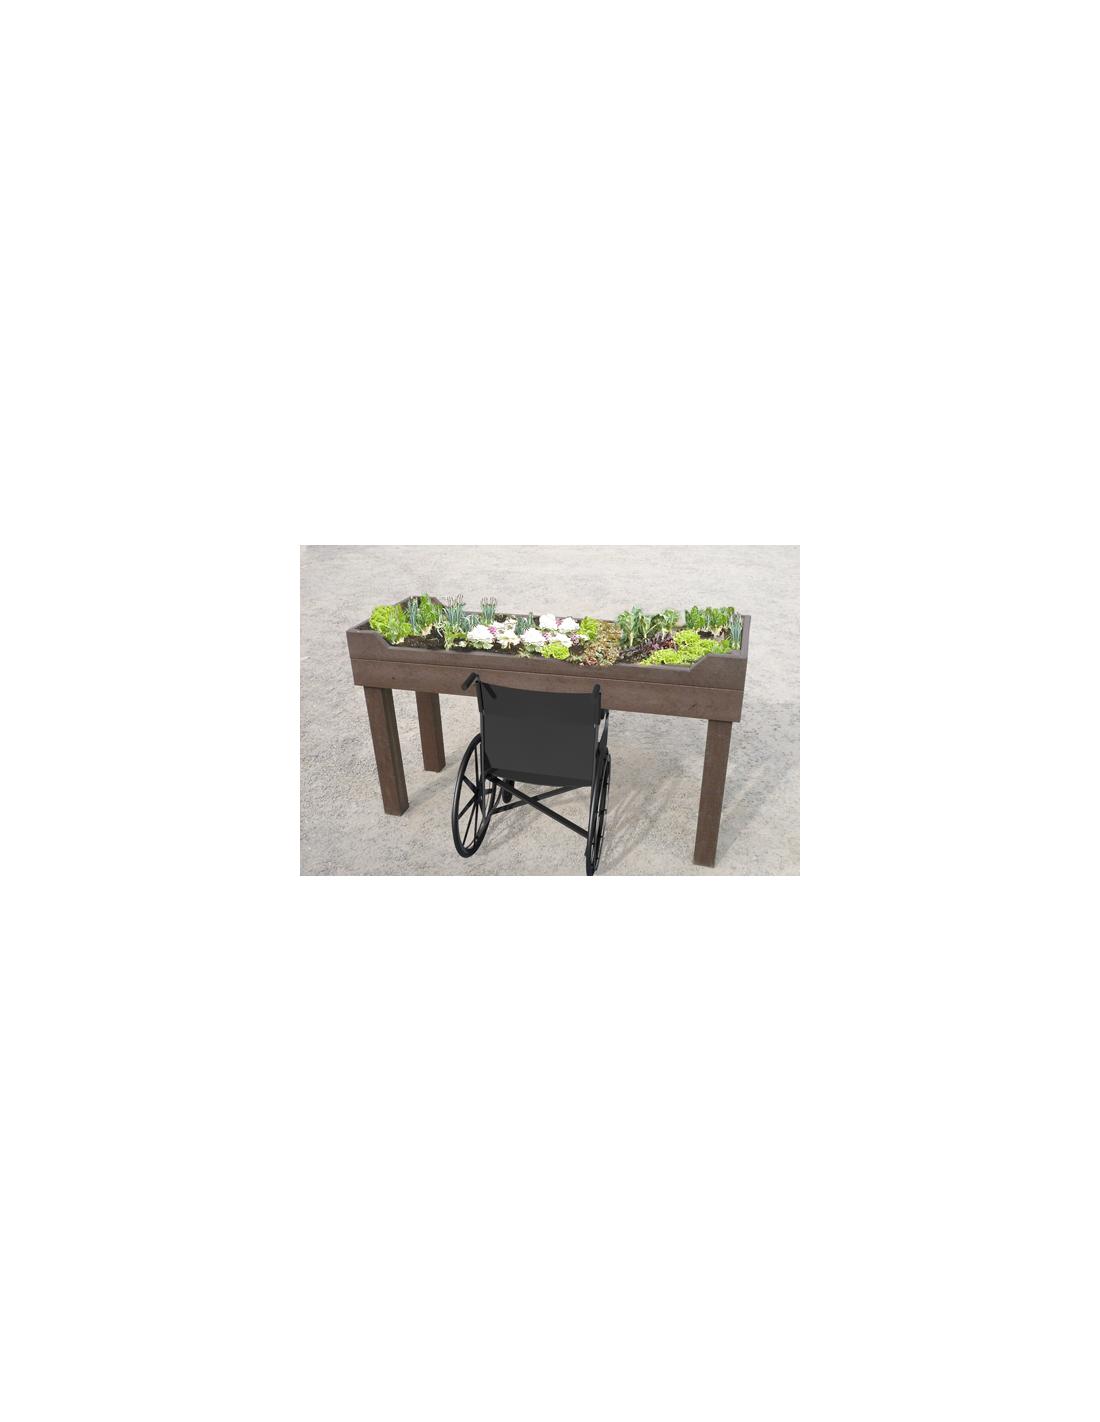 Table plantation plastique recyclé PMR